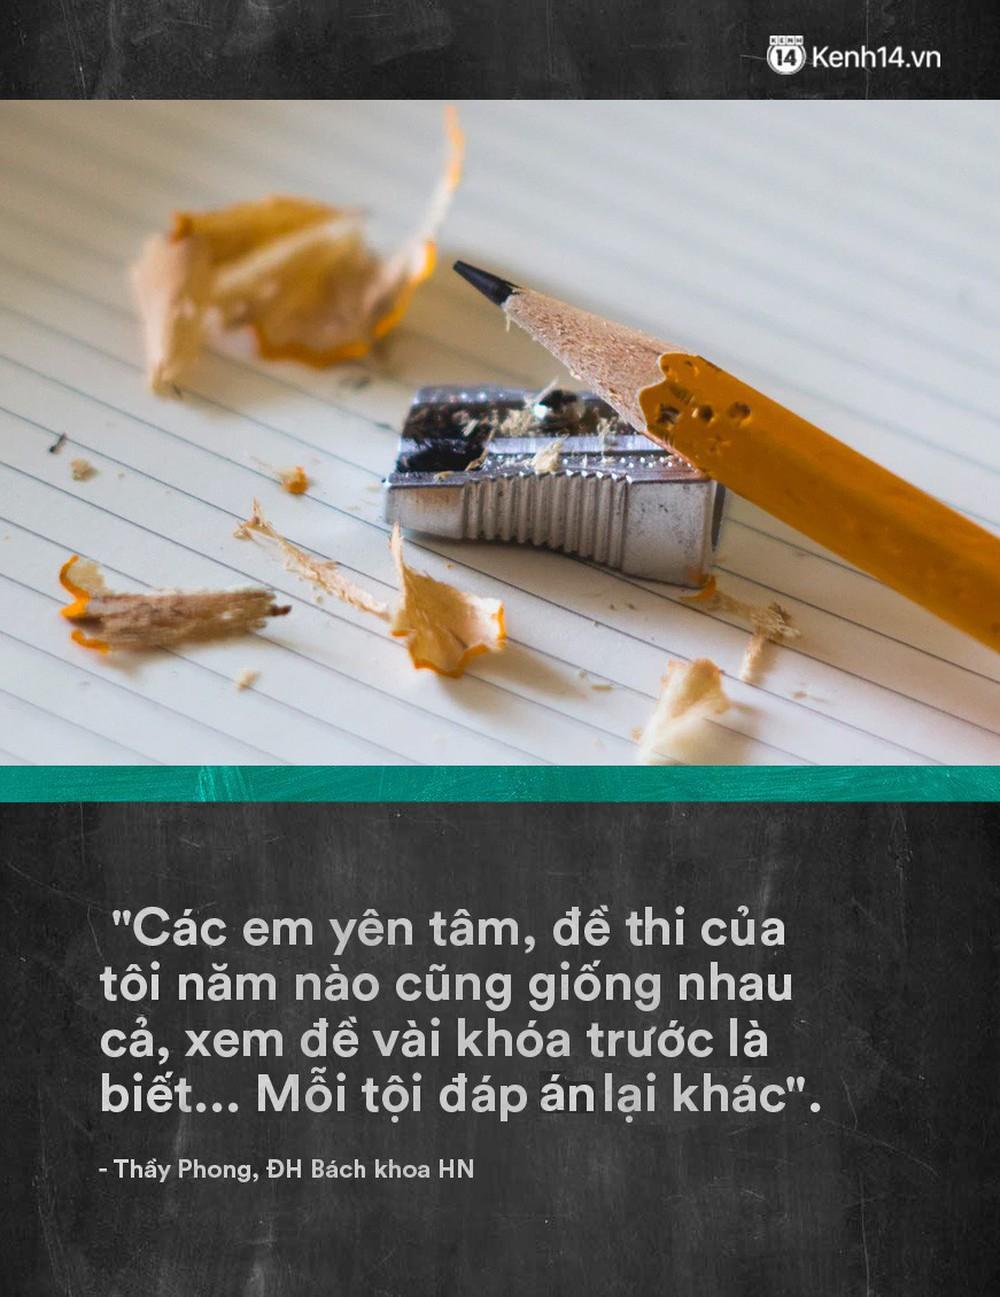 Loạt phát ngôn bá đạo của các thầy cô khiến học sinh chỉ biết câm nín - Ảnh 8.